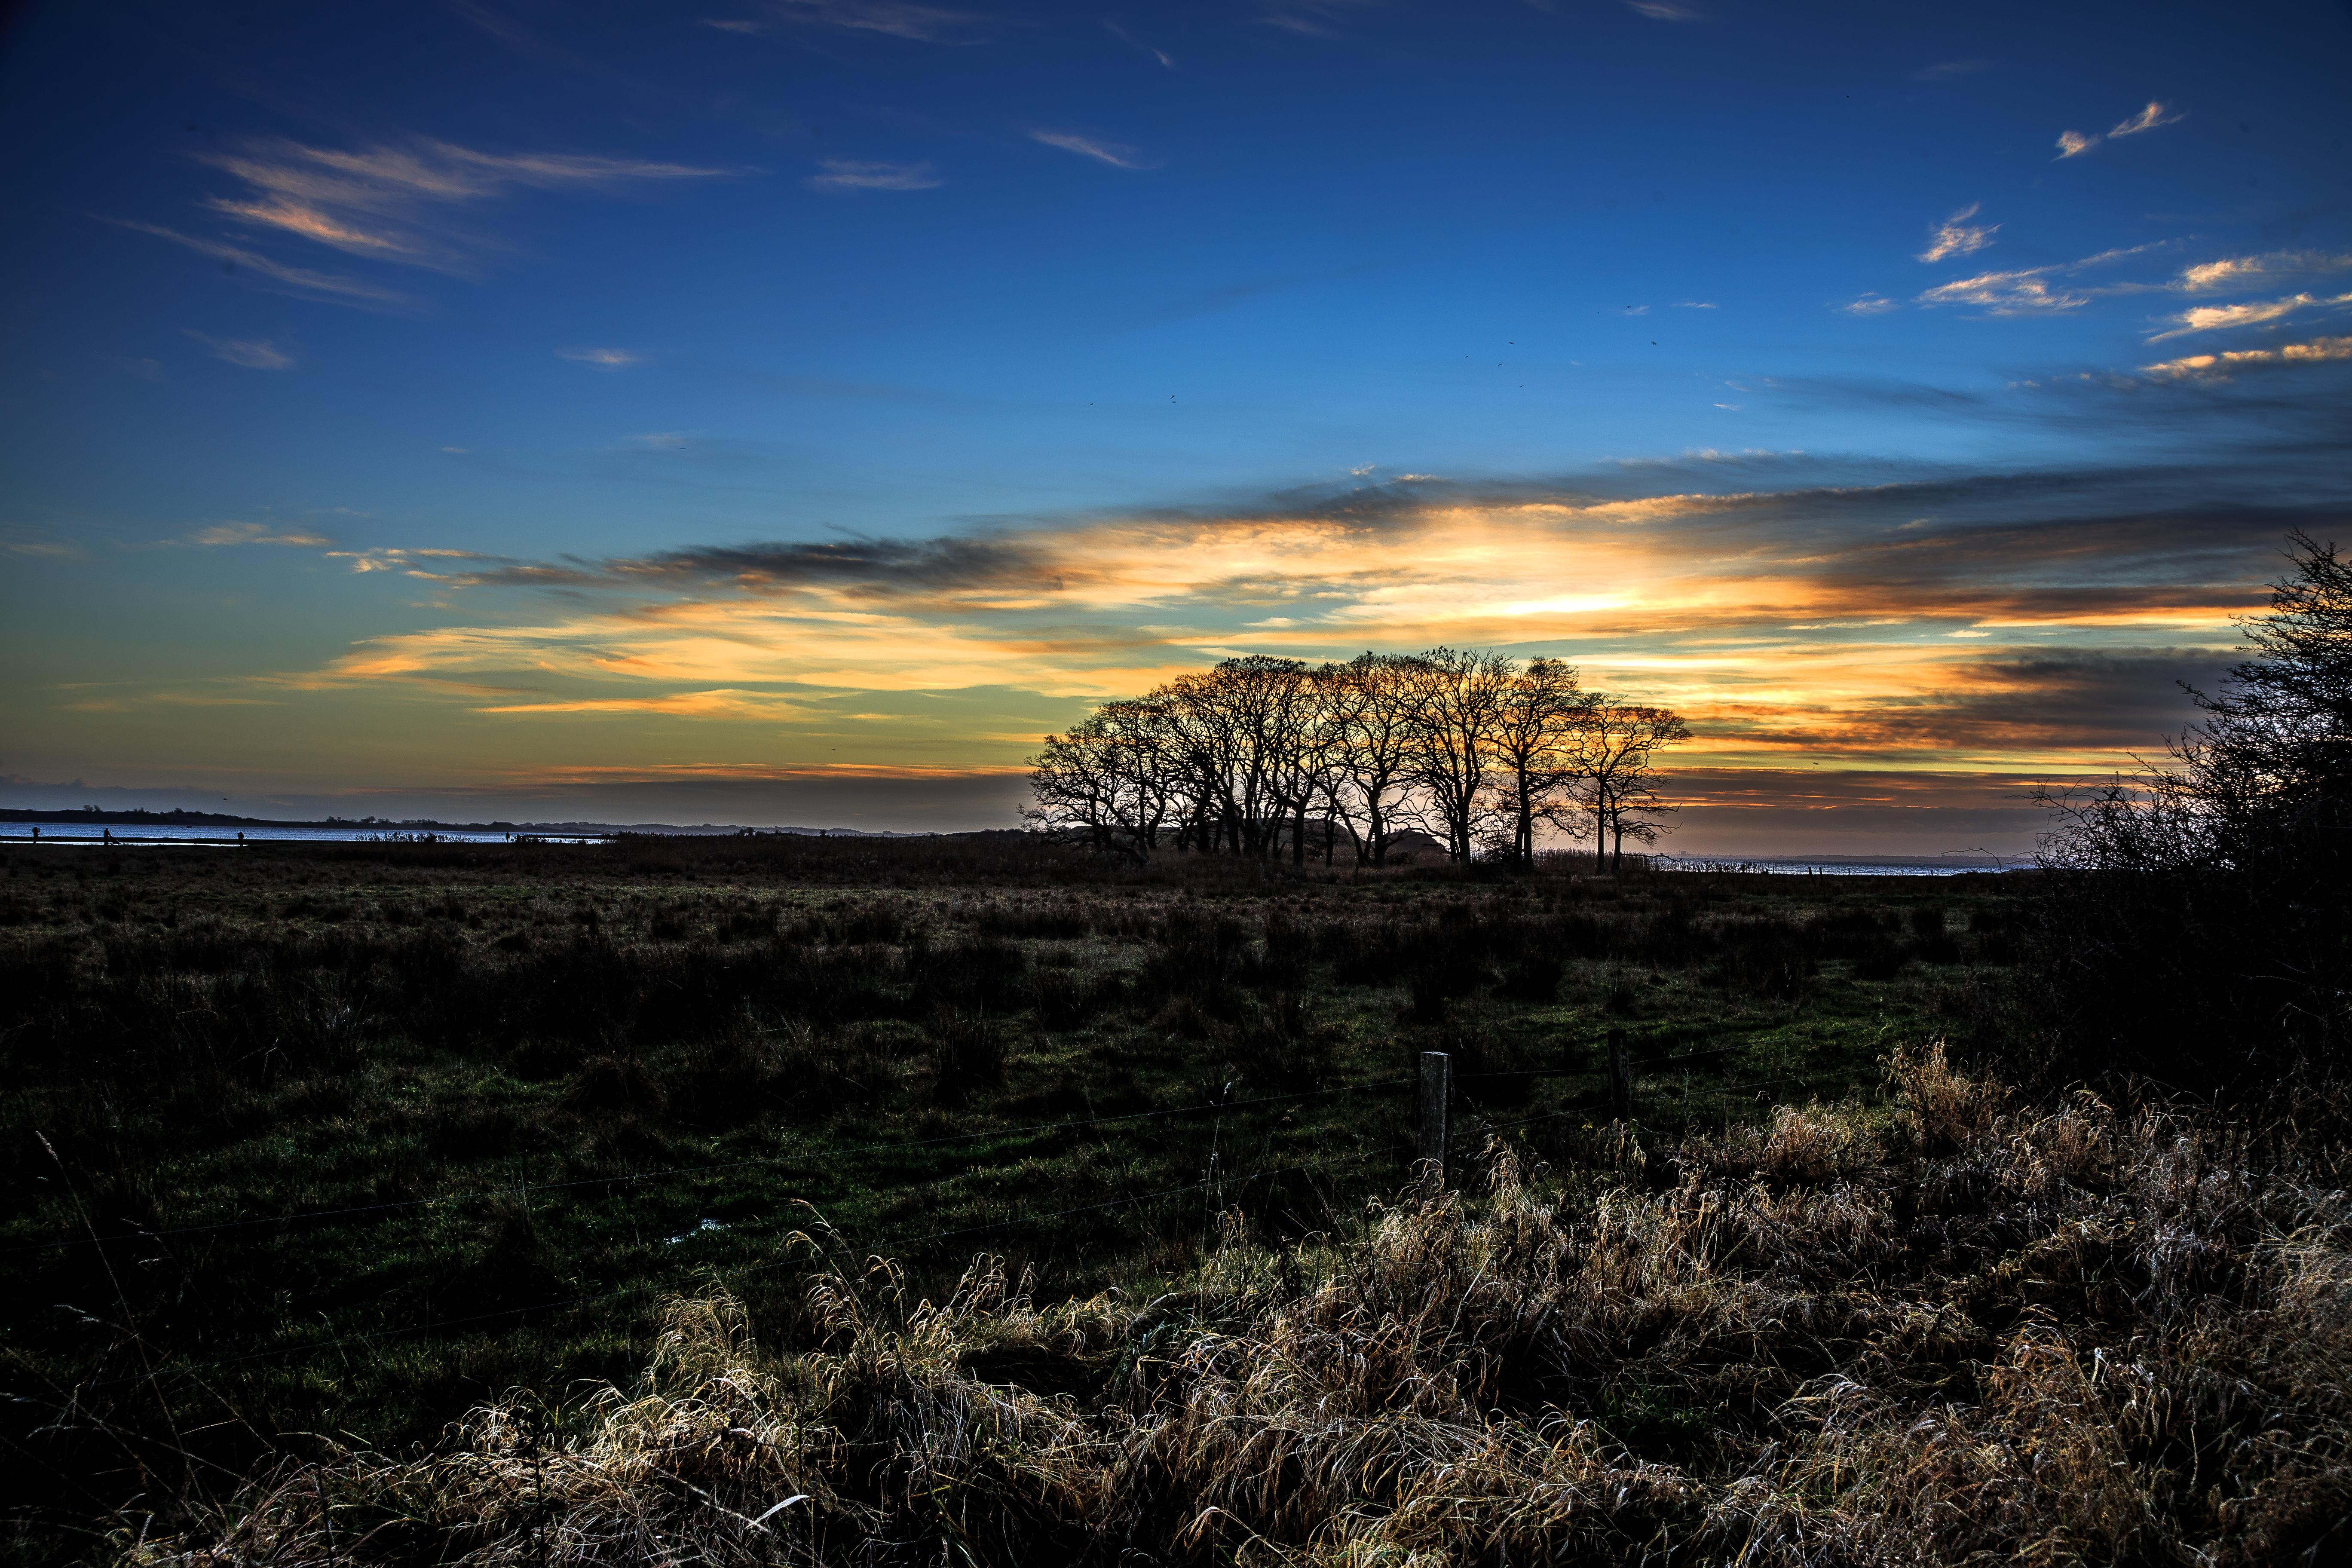 solnedgang_kaloe_roende_-_henrik_elstrup.jpg